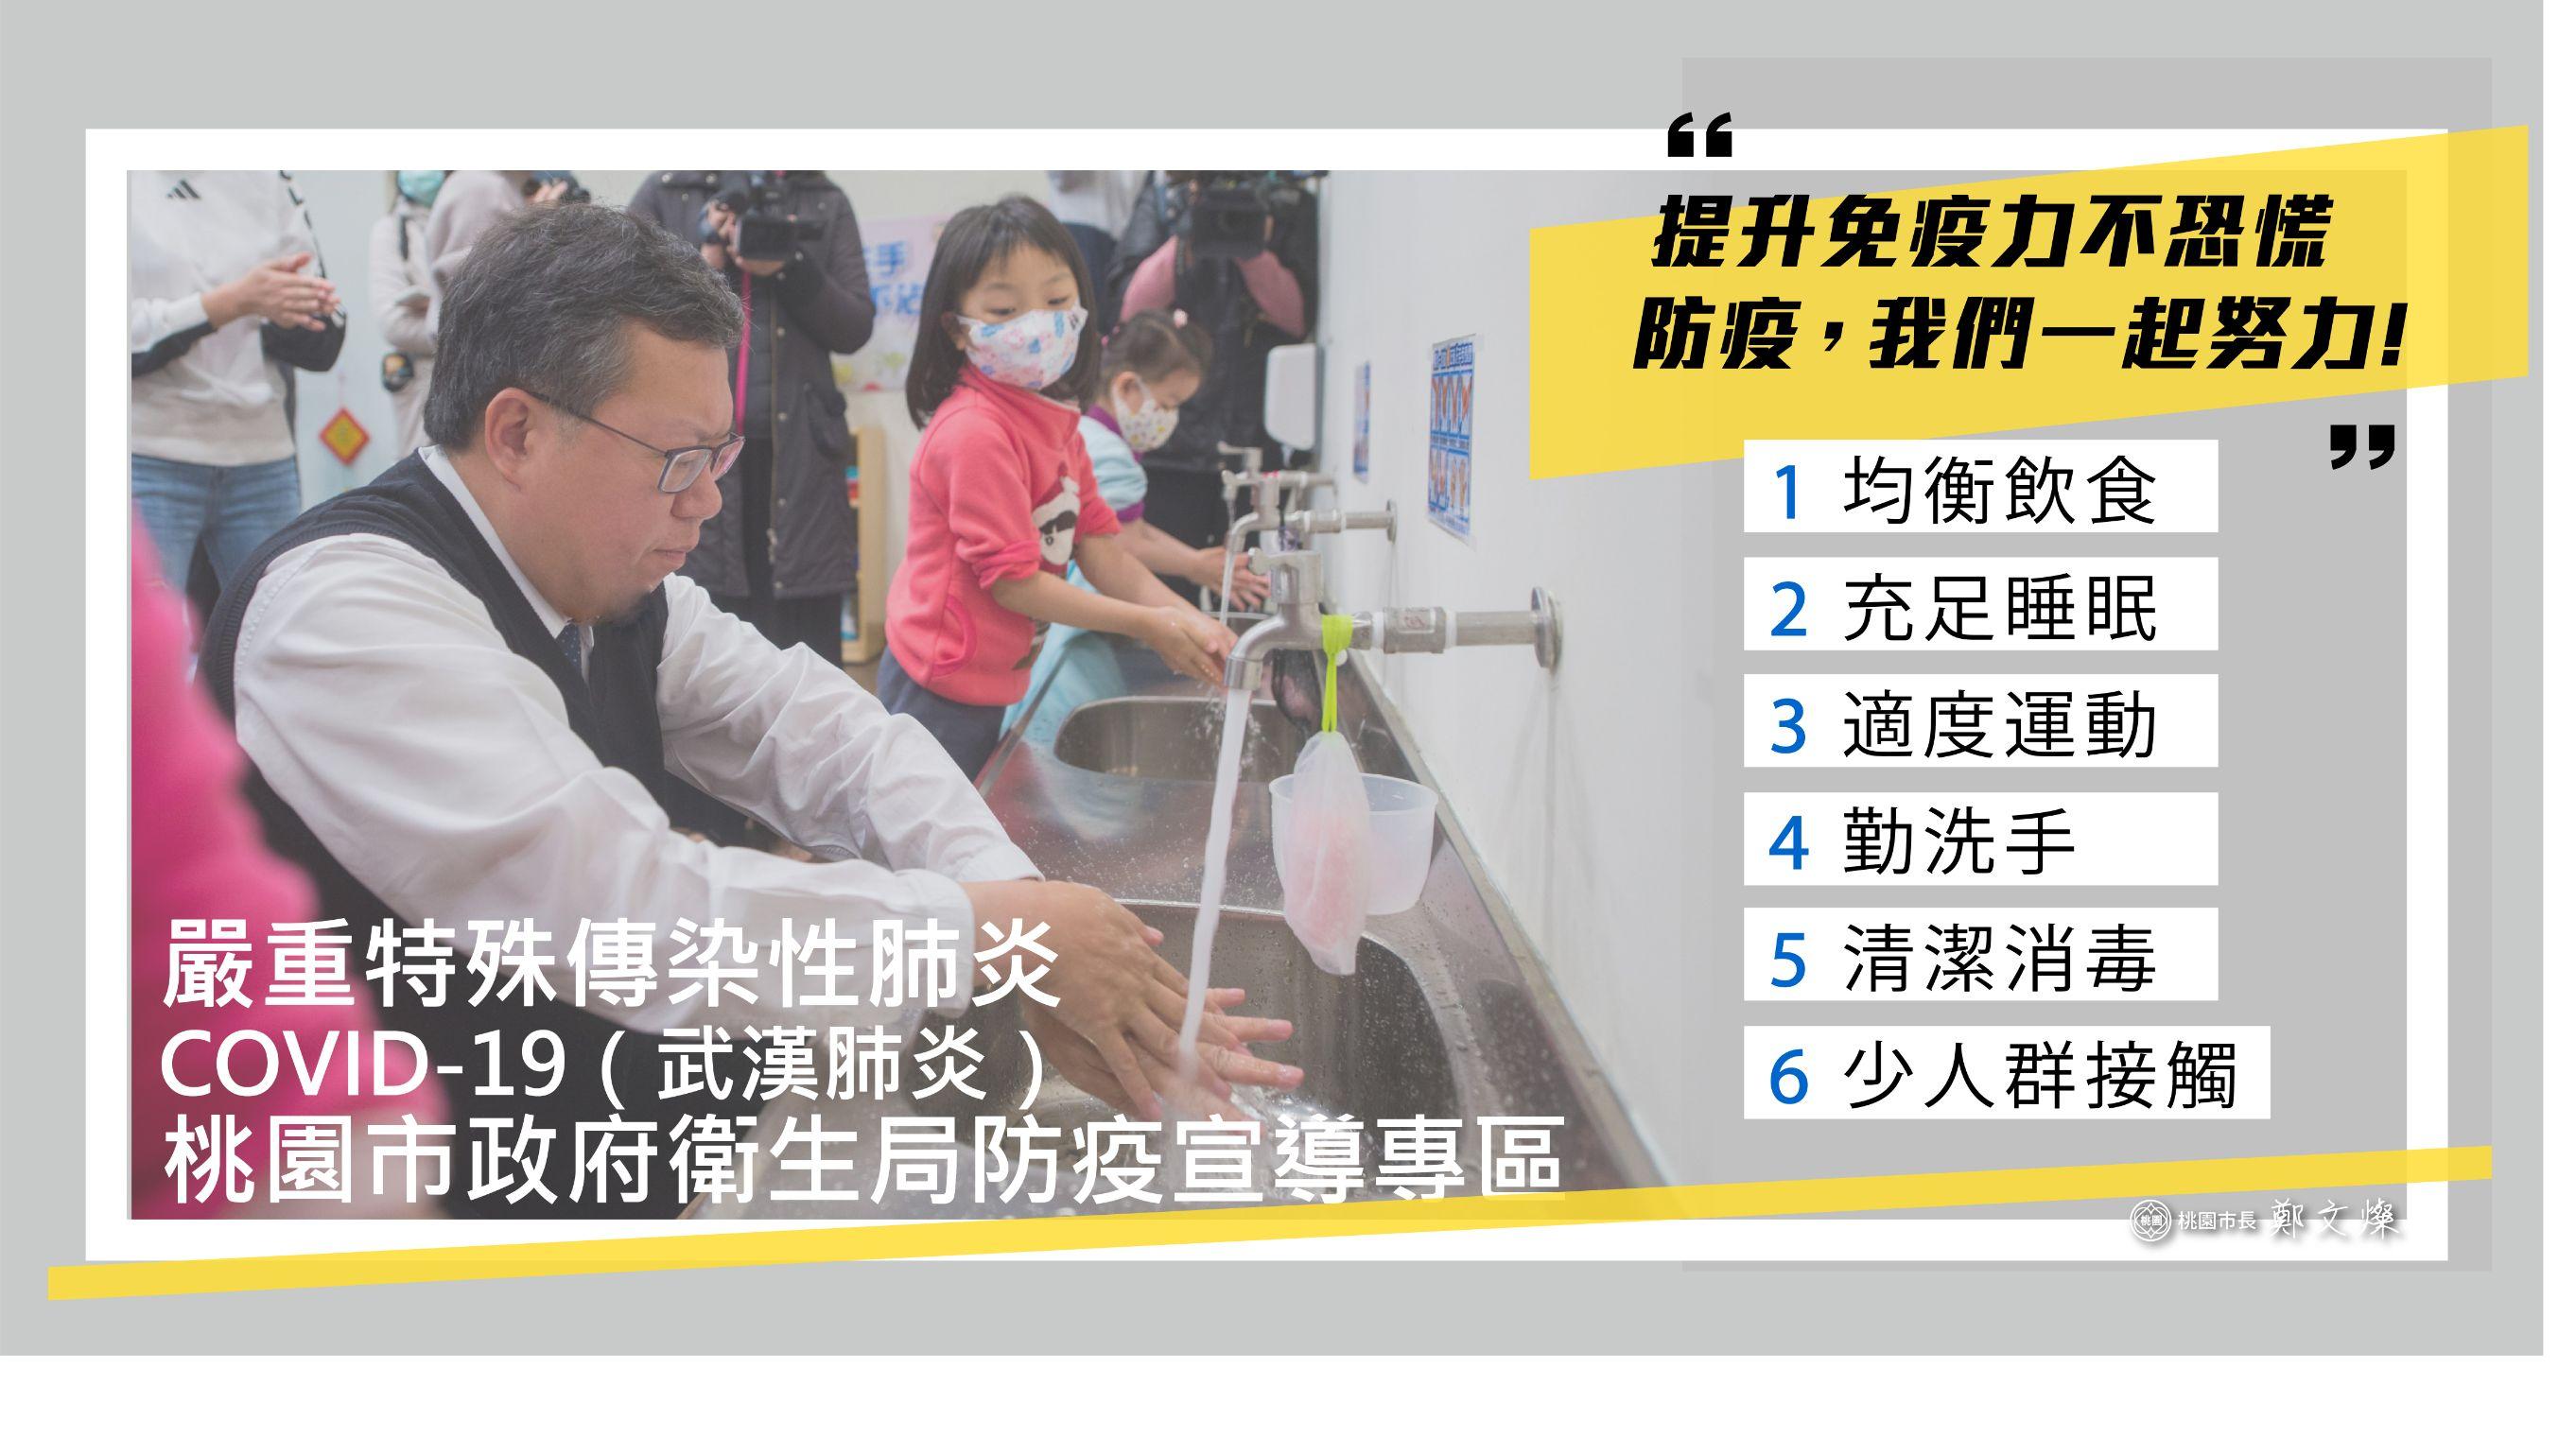 桃園市政府衛生局嚴重特殊傳染性肺炎專區